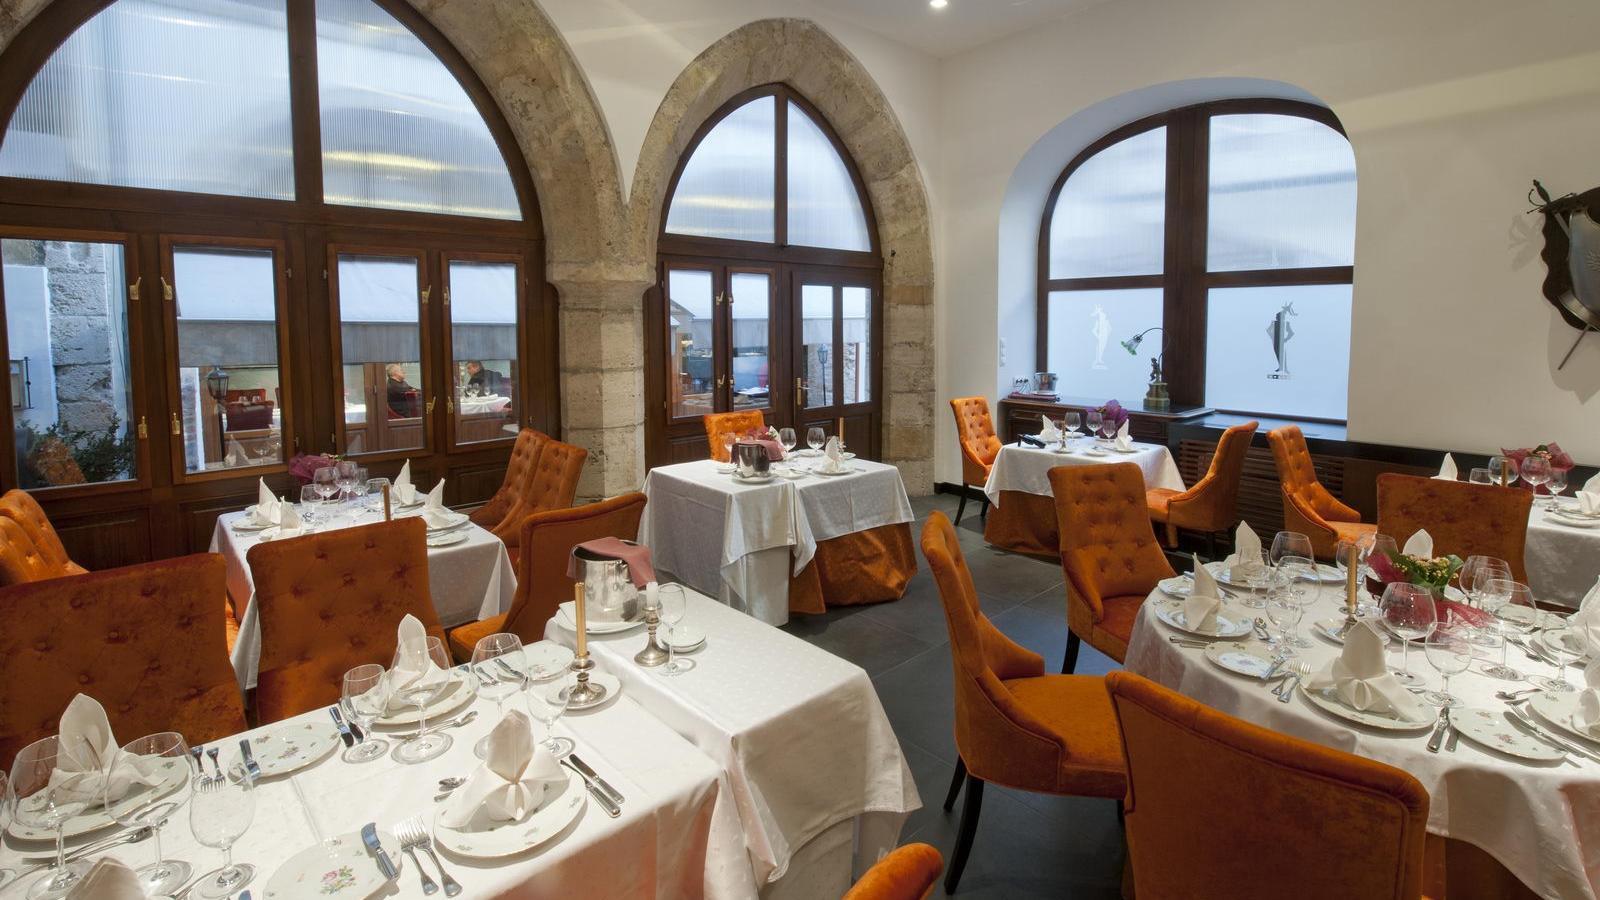 Szerettem az Alabárdos étterem régi külsejét a Budai Várban f0e3bed089